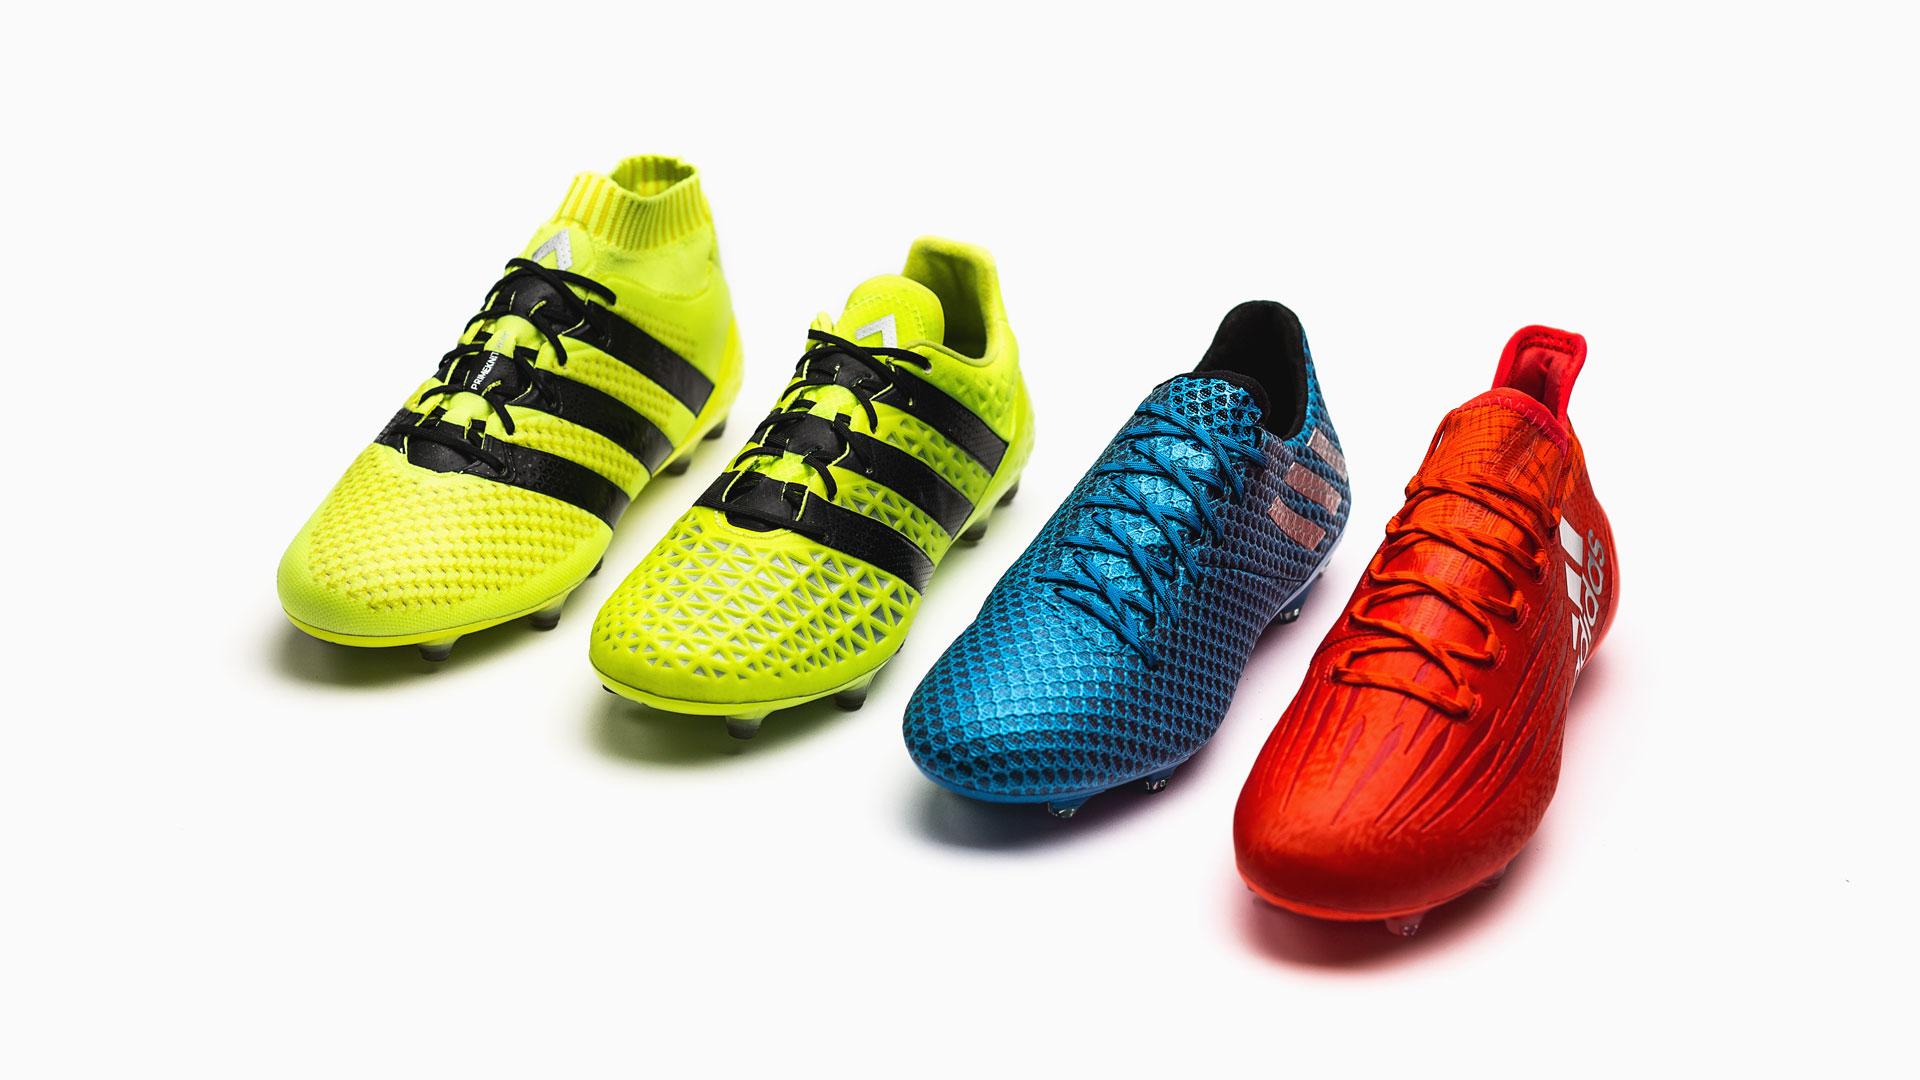 adidas går all in med sina Speed of Light-skor  0361dc542ef59